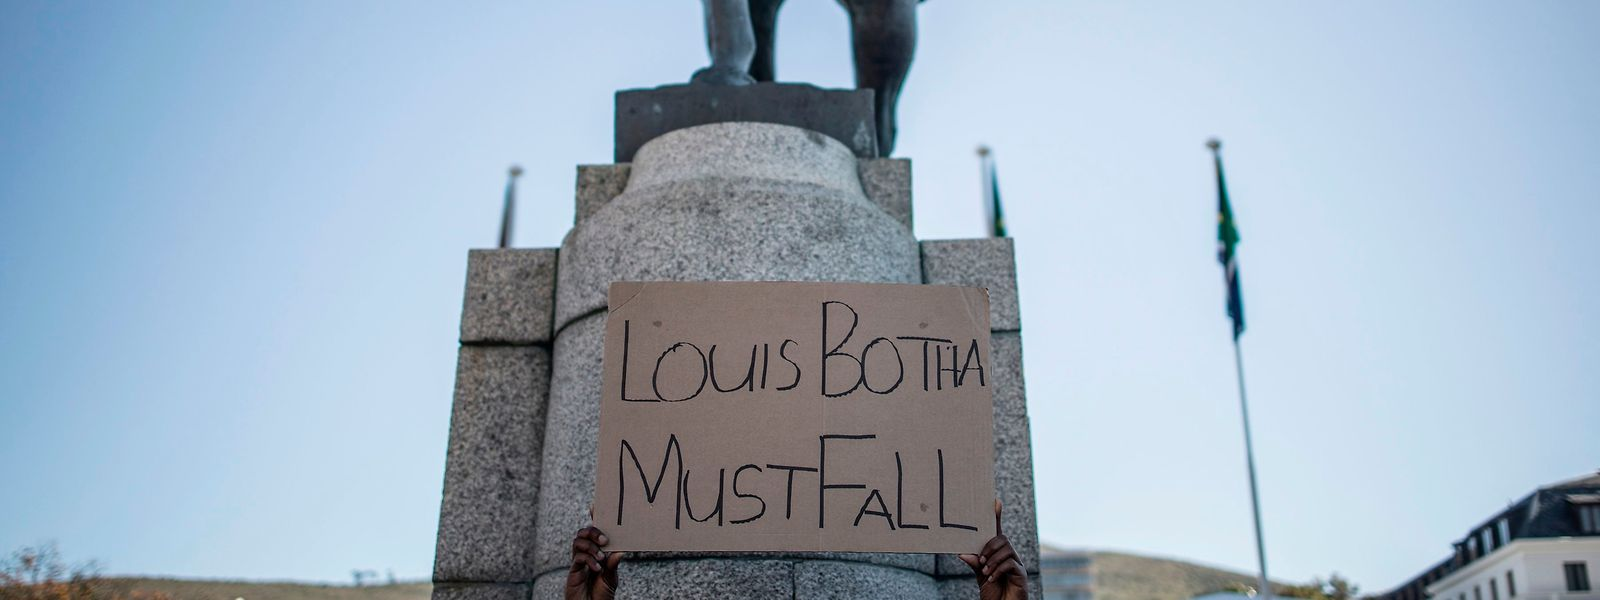 Rassismusdebatte in Südafrika: Ein Demonstrant hält ein Plakat in der Hand vor einem Denkmal von Louis Botha, dem ersten Premierminister der Union von Südafrika. Demonstranten fordern die Entfernung der Statue vor dem Parlament in Kapstadt.